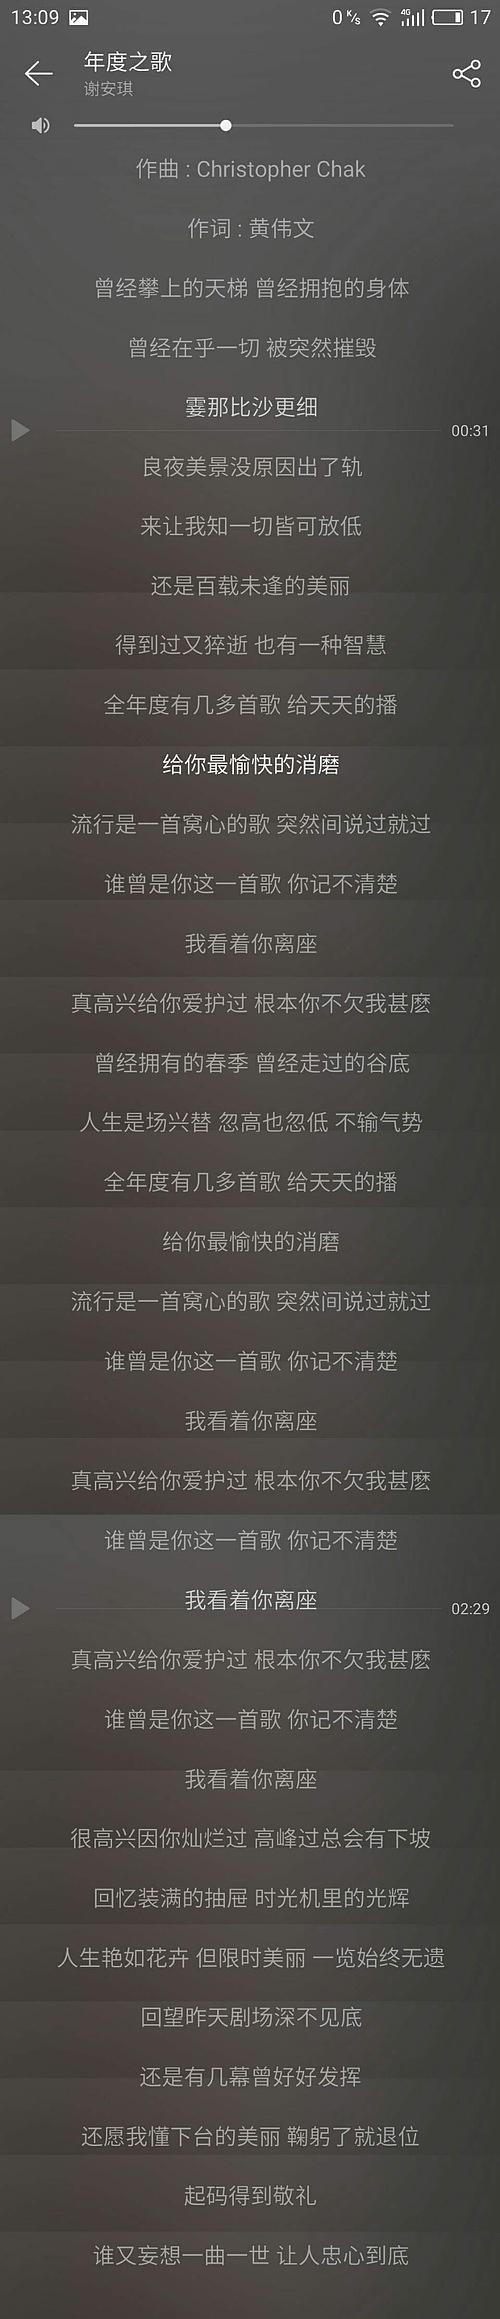 苦情歌-丁孔涛(MP3歌词/LRC歌词) lrc歌词下载 第2张